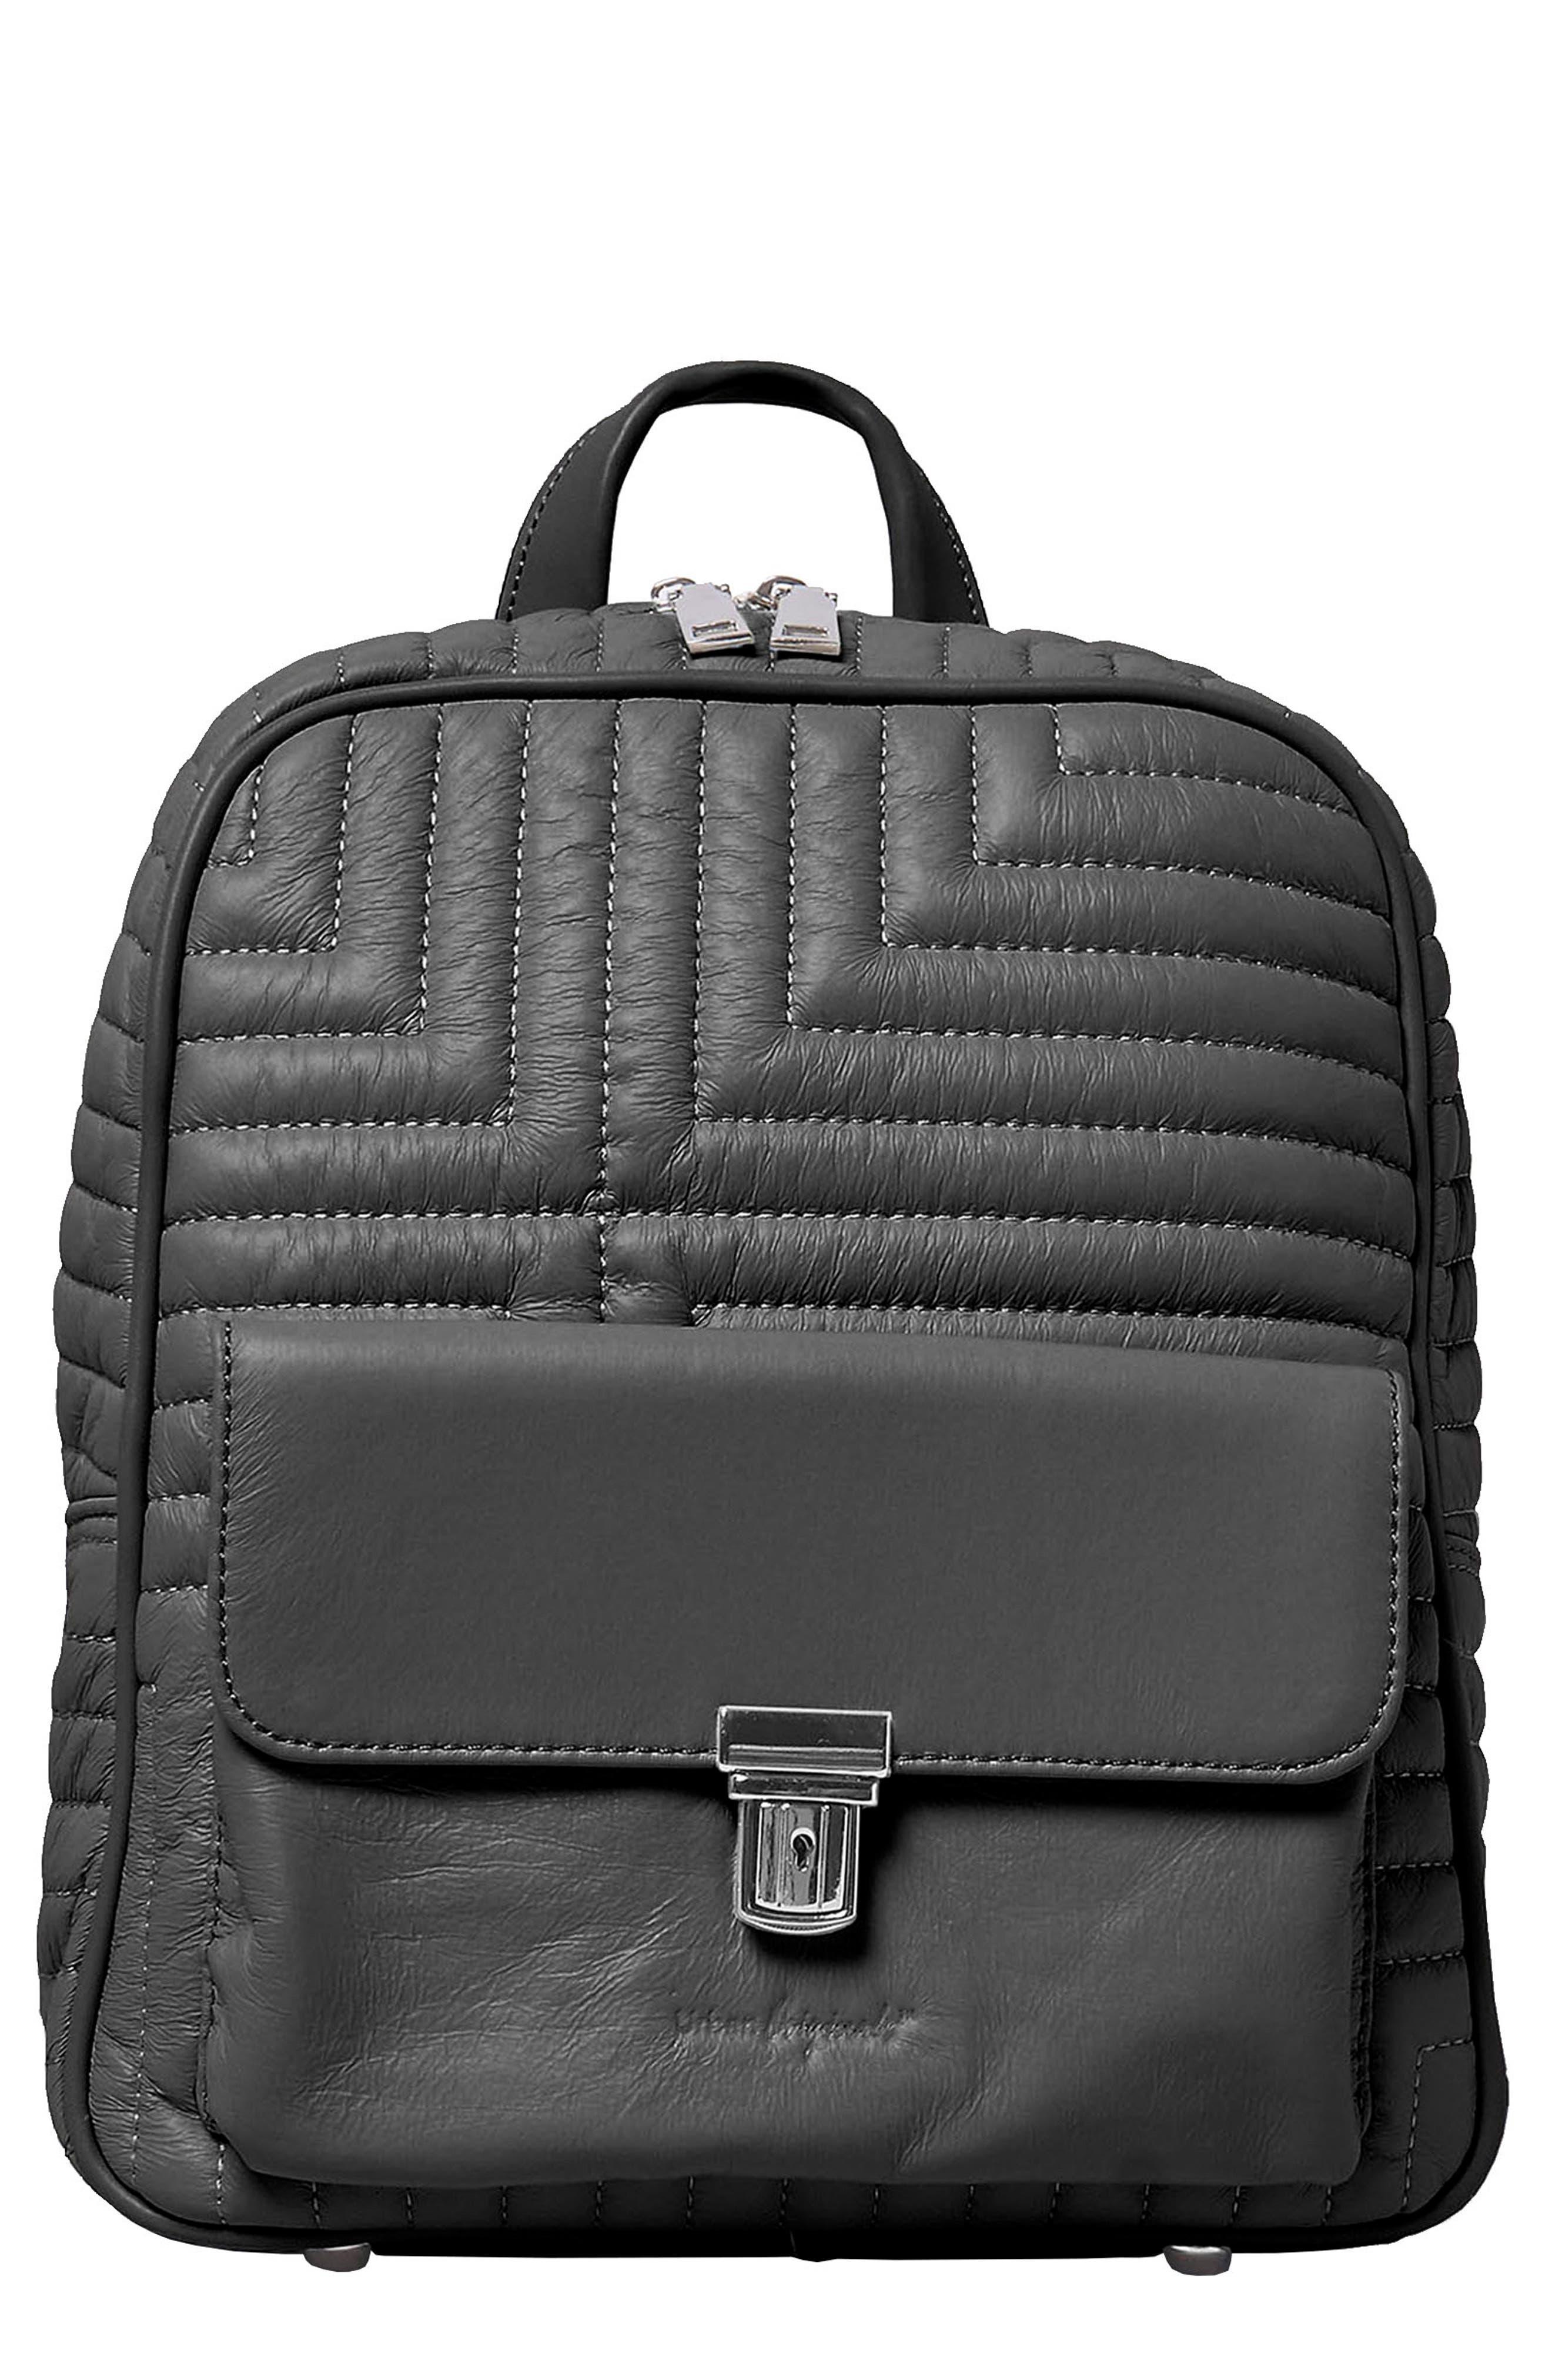 Essential Vegan Leather Backpack in Black